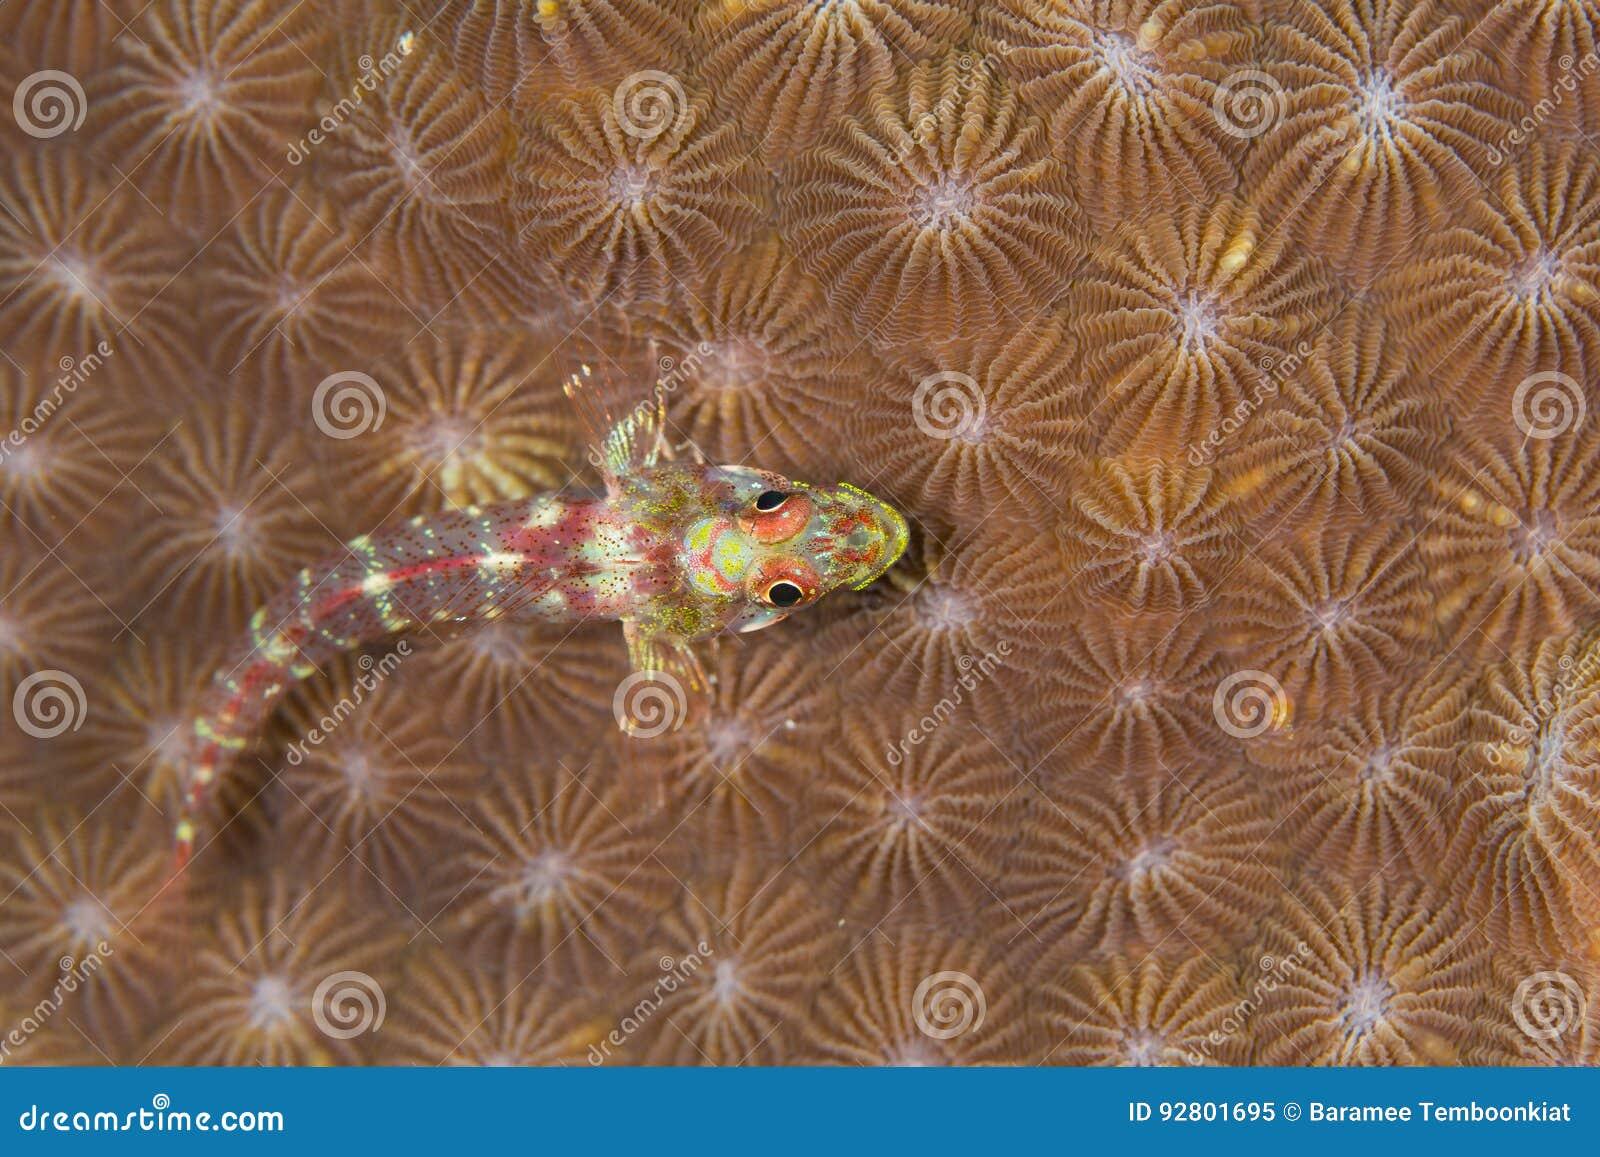 ψάρια μικρά